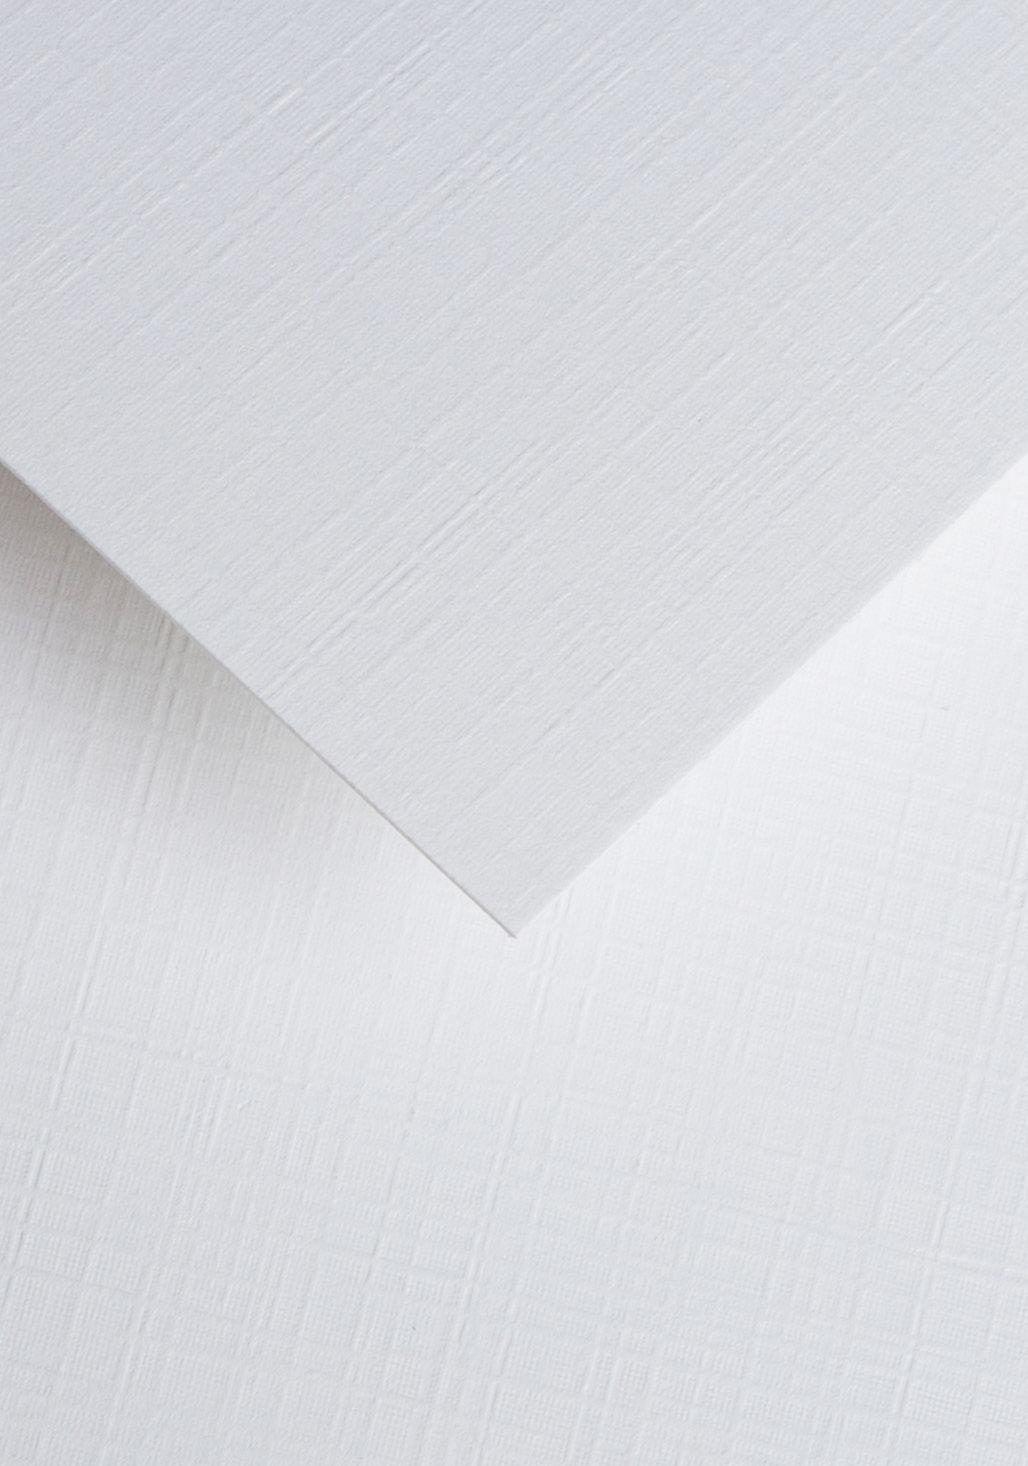 Wysokiej jakości papier ozdobny - O.Papiernia PŁÓTNO - 230 g/m² - biały - 20 sztuk